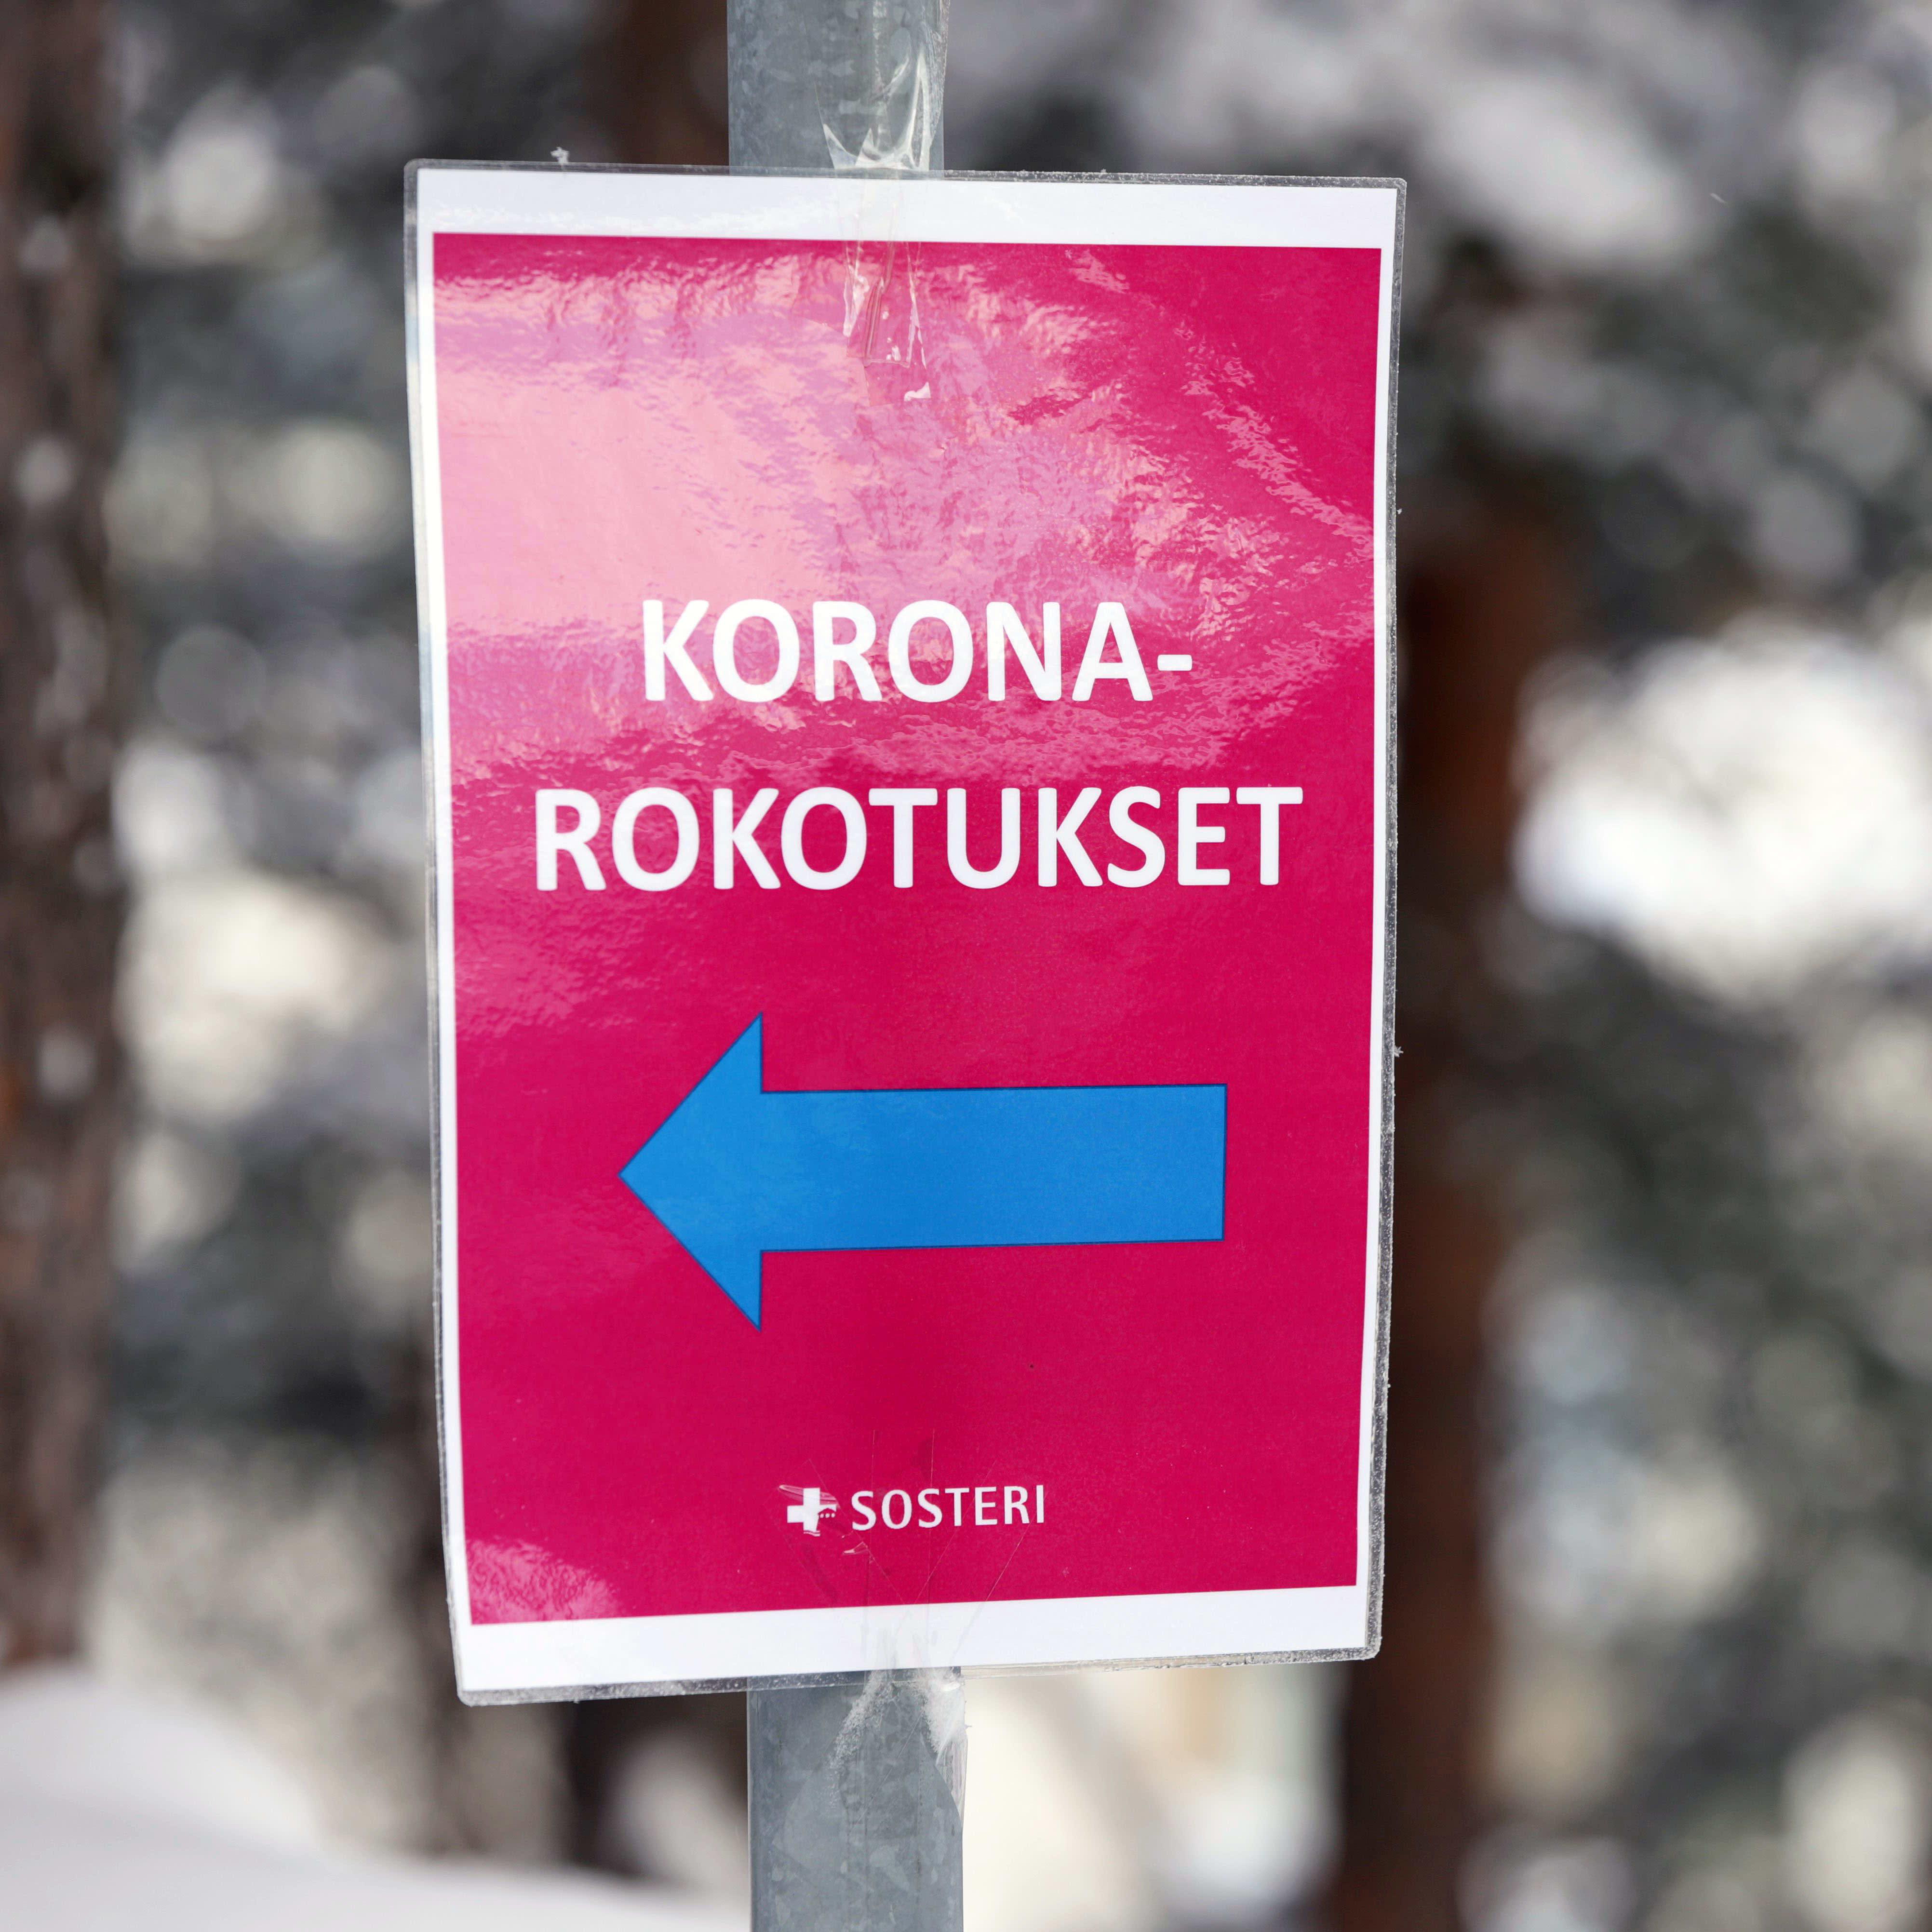 Koronarokotuksesta ilmoittava kyltti Savonlinnan pääterveysasemalla.